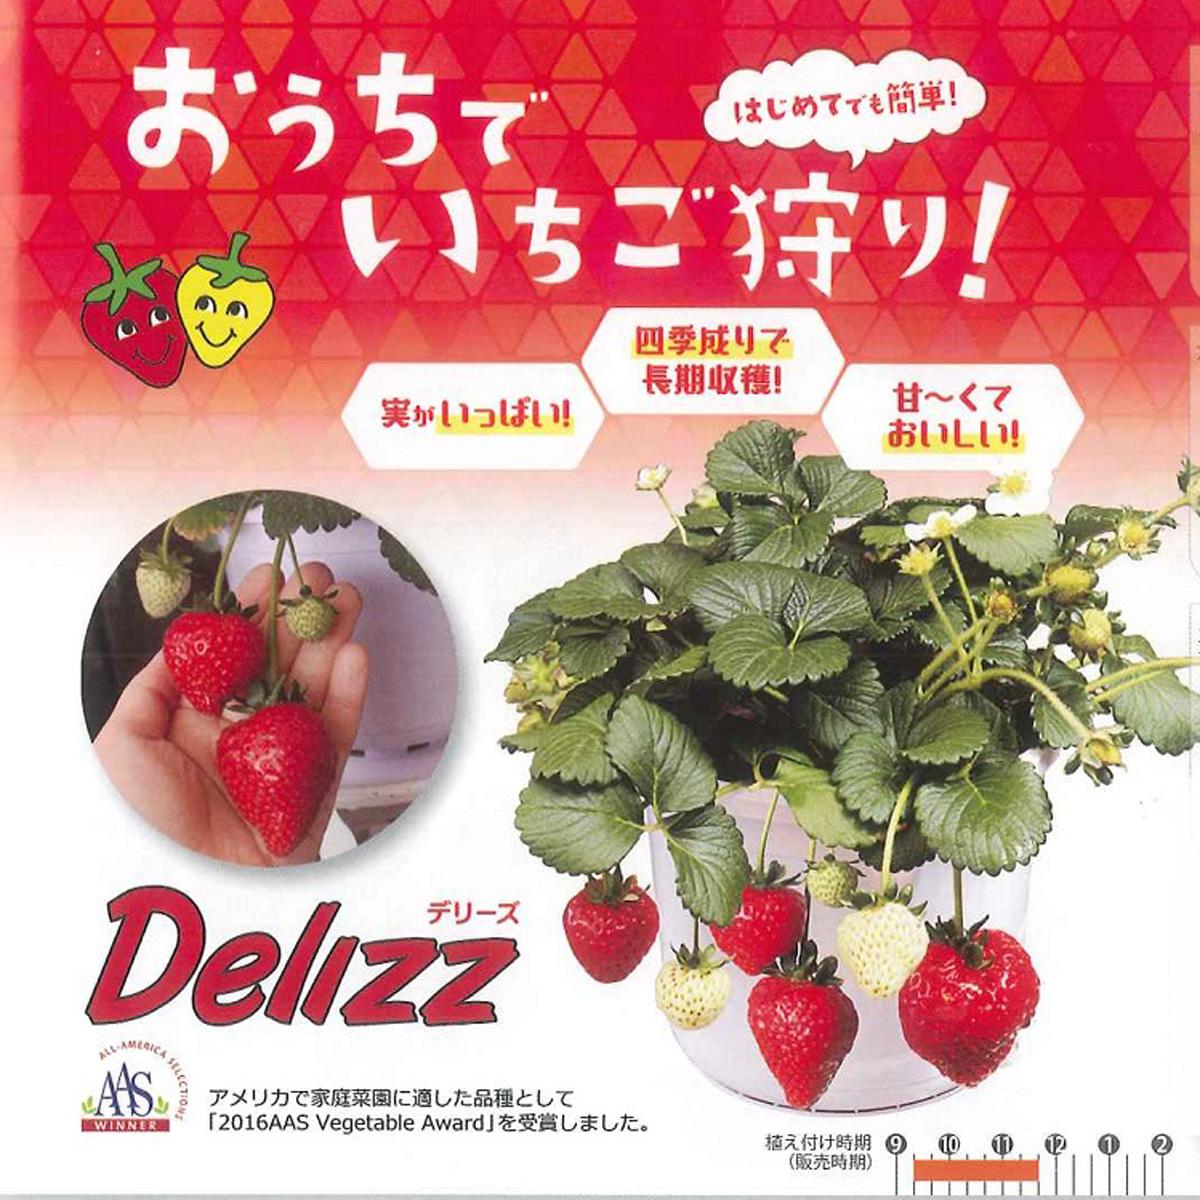 四季成りイチゴ(いちご・苺)デリーズ